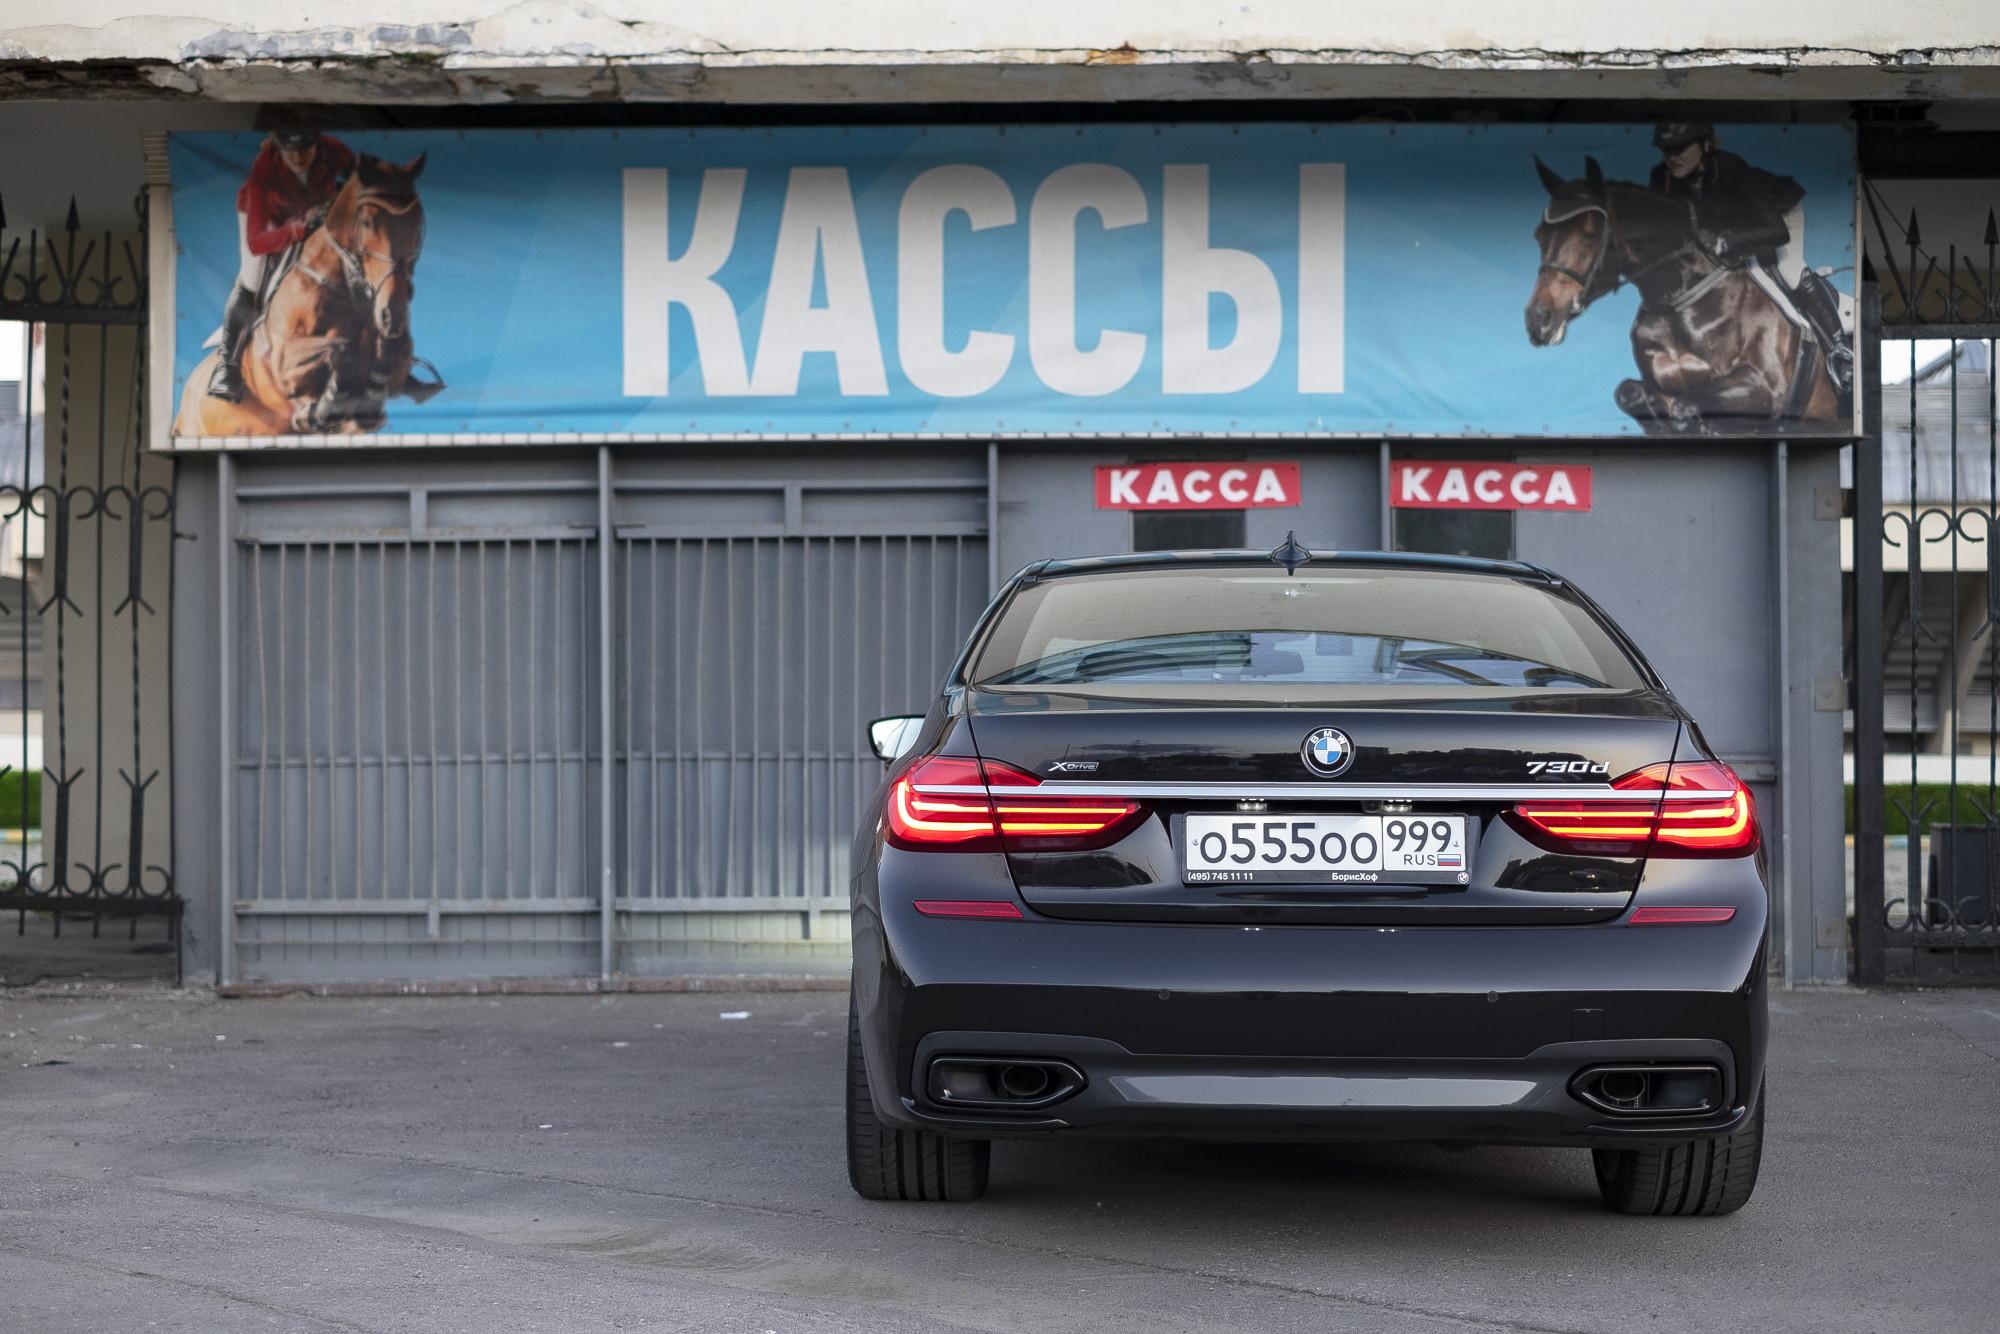 БМВ обошла Мерседес рублей, машина, будет, очень, машины, Мерседес, снова, эксперимент, журнал, имеет, является, автора, аналогии, автомобиля, 750Li, почти, полный, имеют, потом, люблю